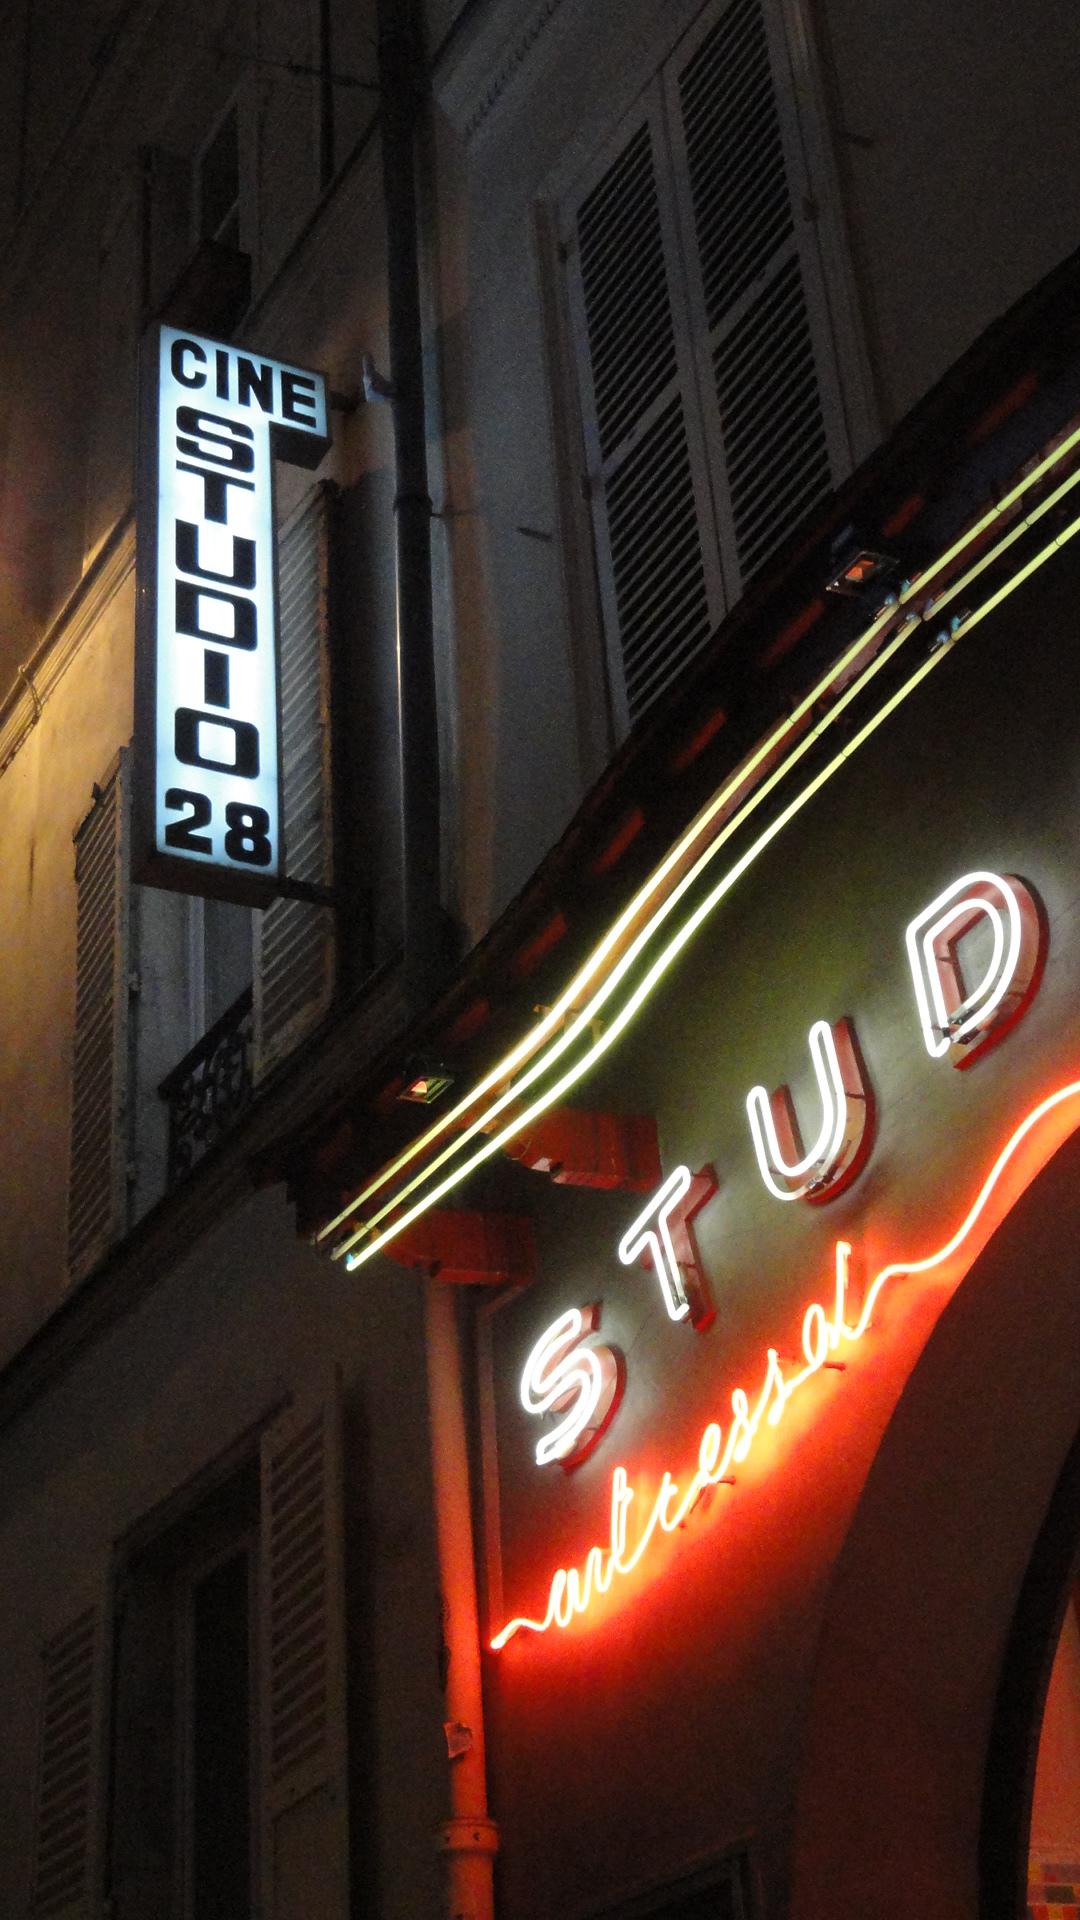 Studio 28